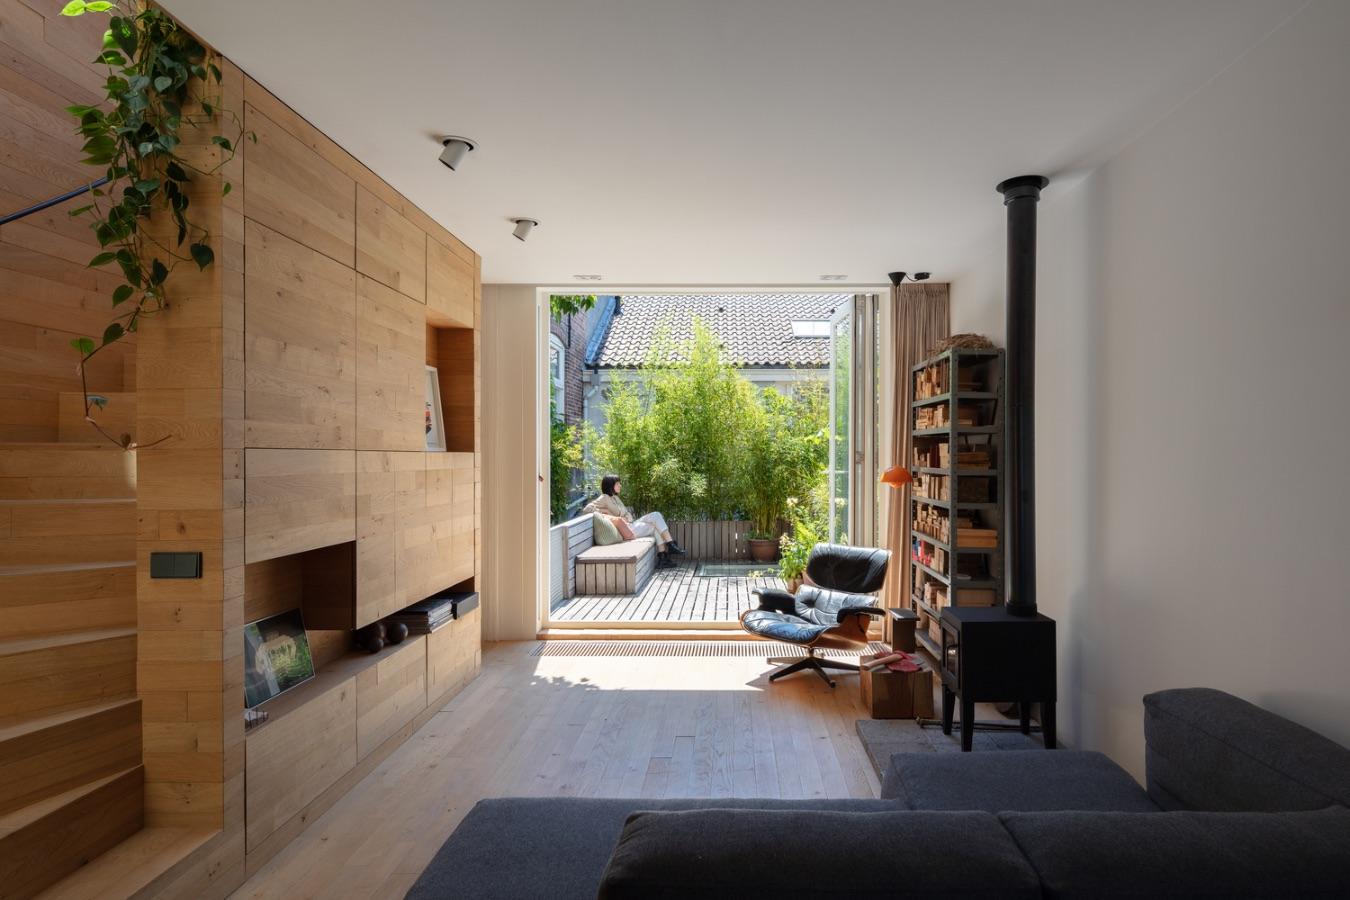 13_Steel-Craft-House_Zecc-Architecten_Inspirationist